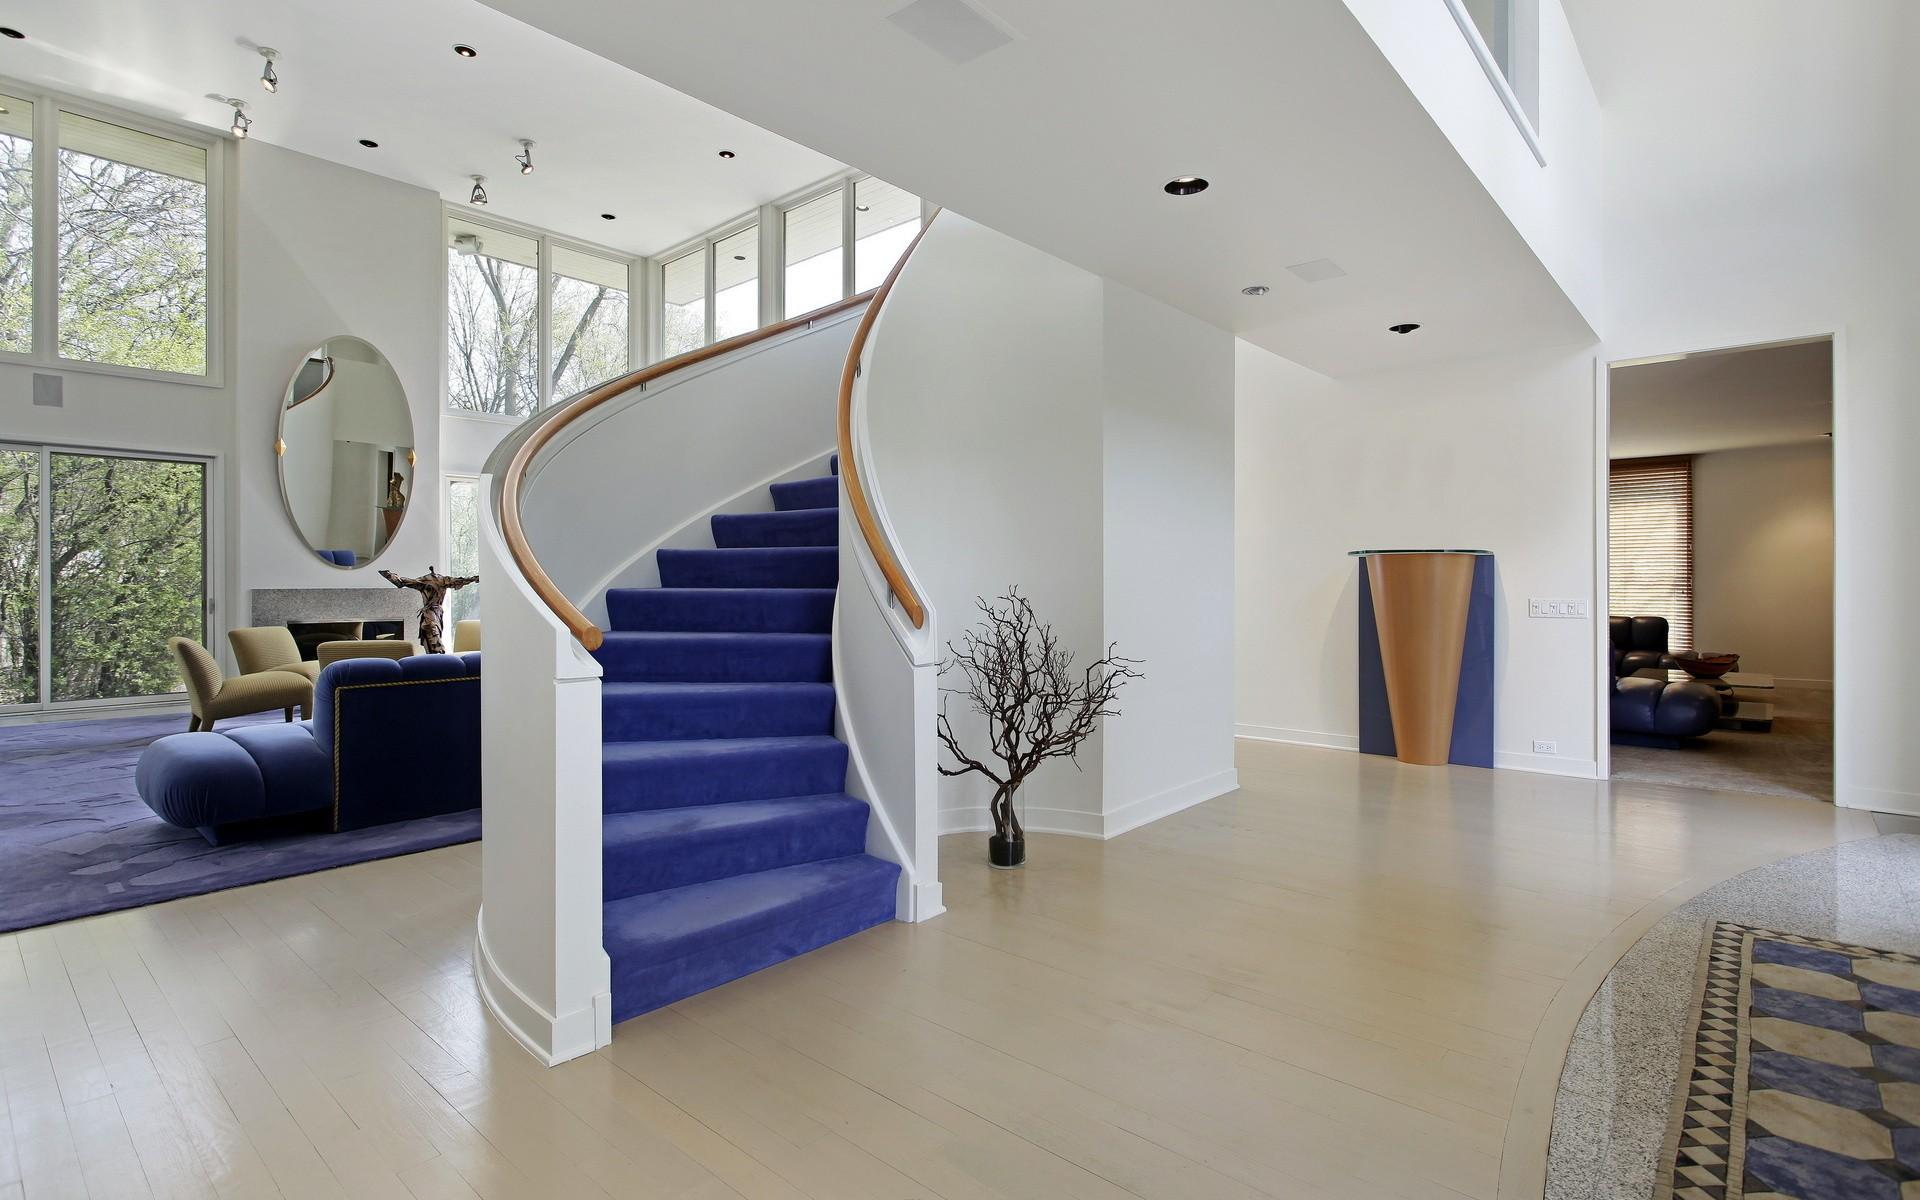 Diseño de escaleras - 1920x1200